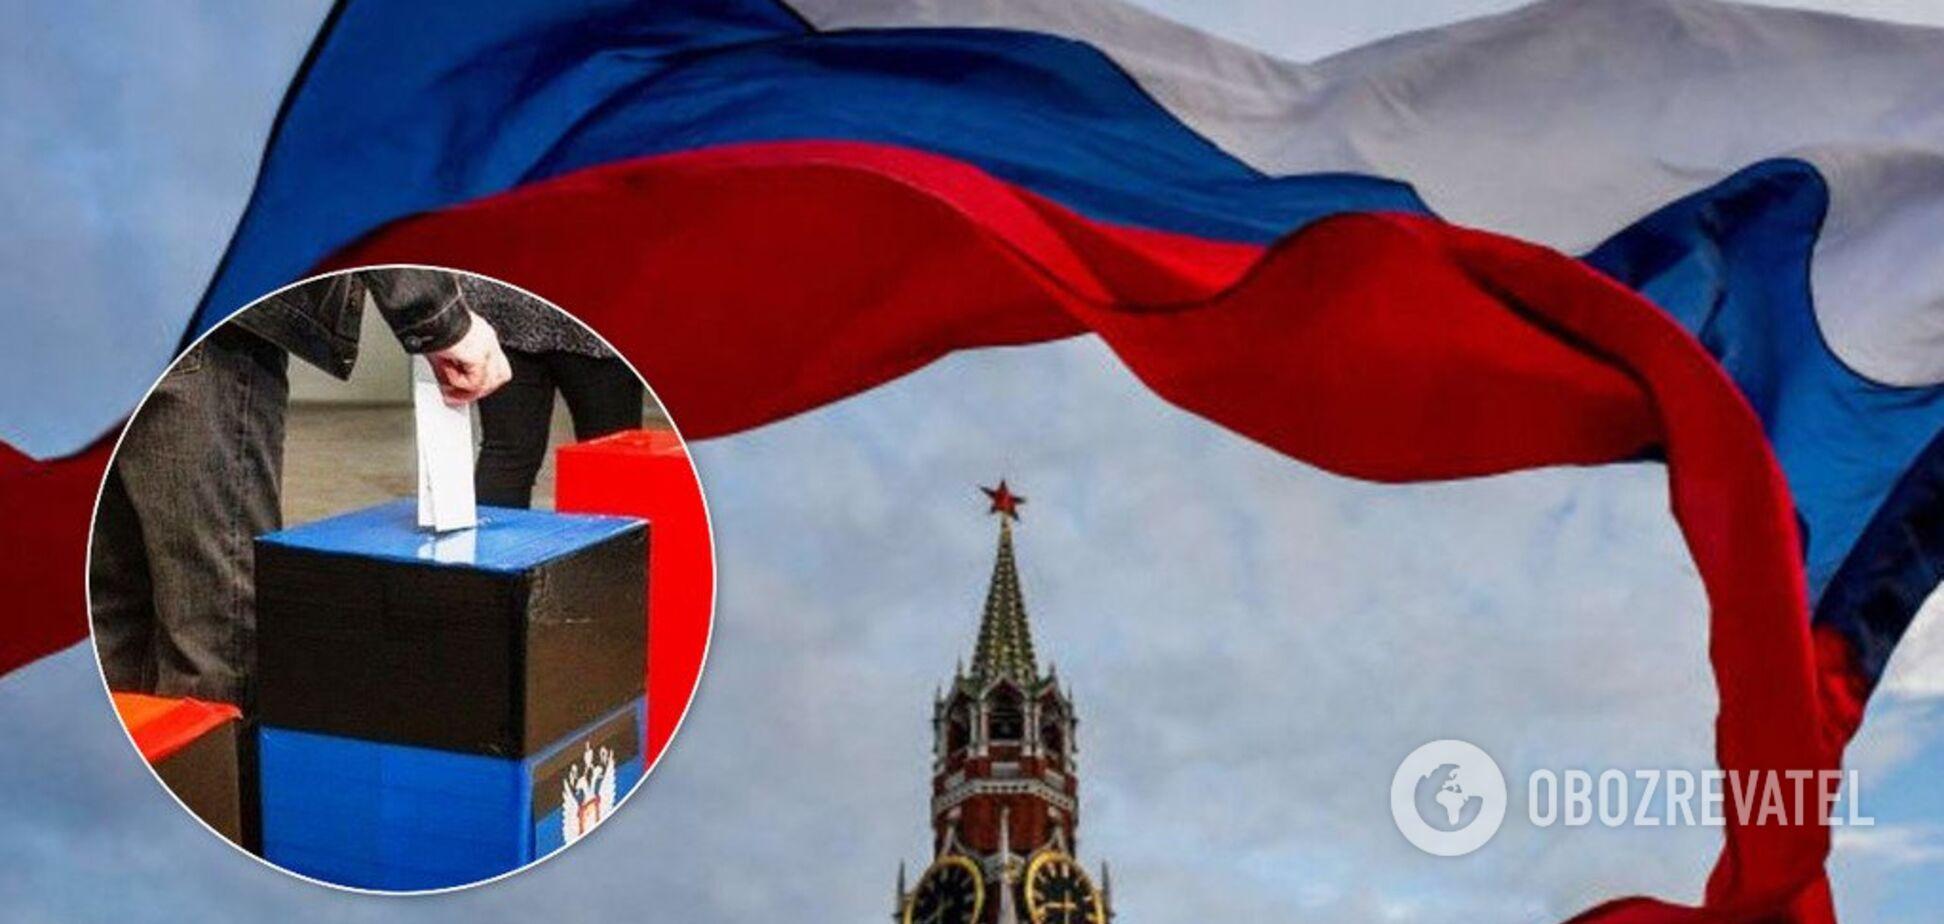 'Наш серйозний успіх!' У Росії та 'ДНР' святкують 'формулу Штайнмаєра'